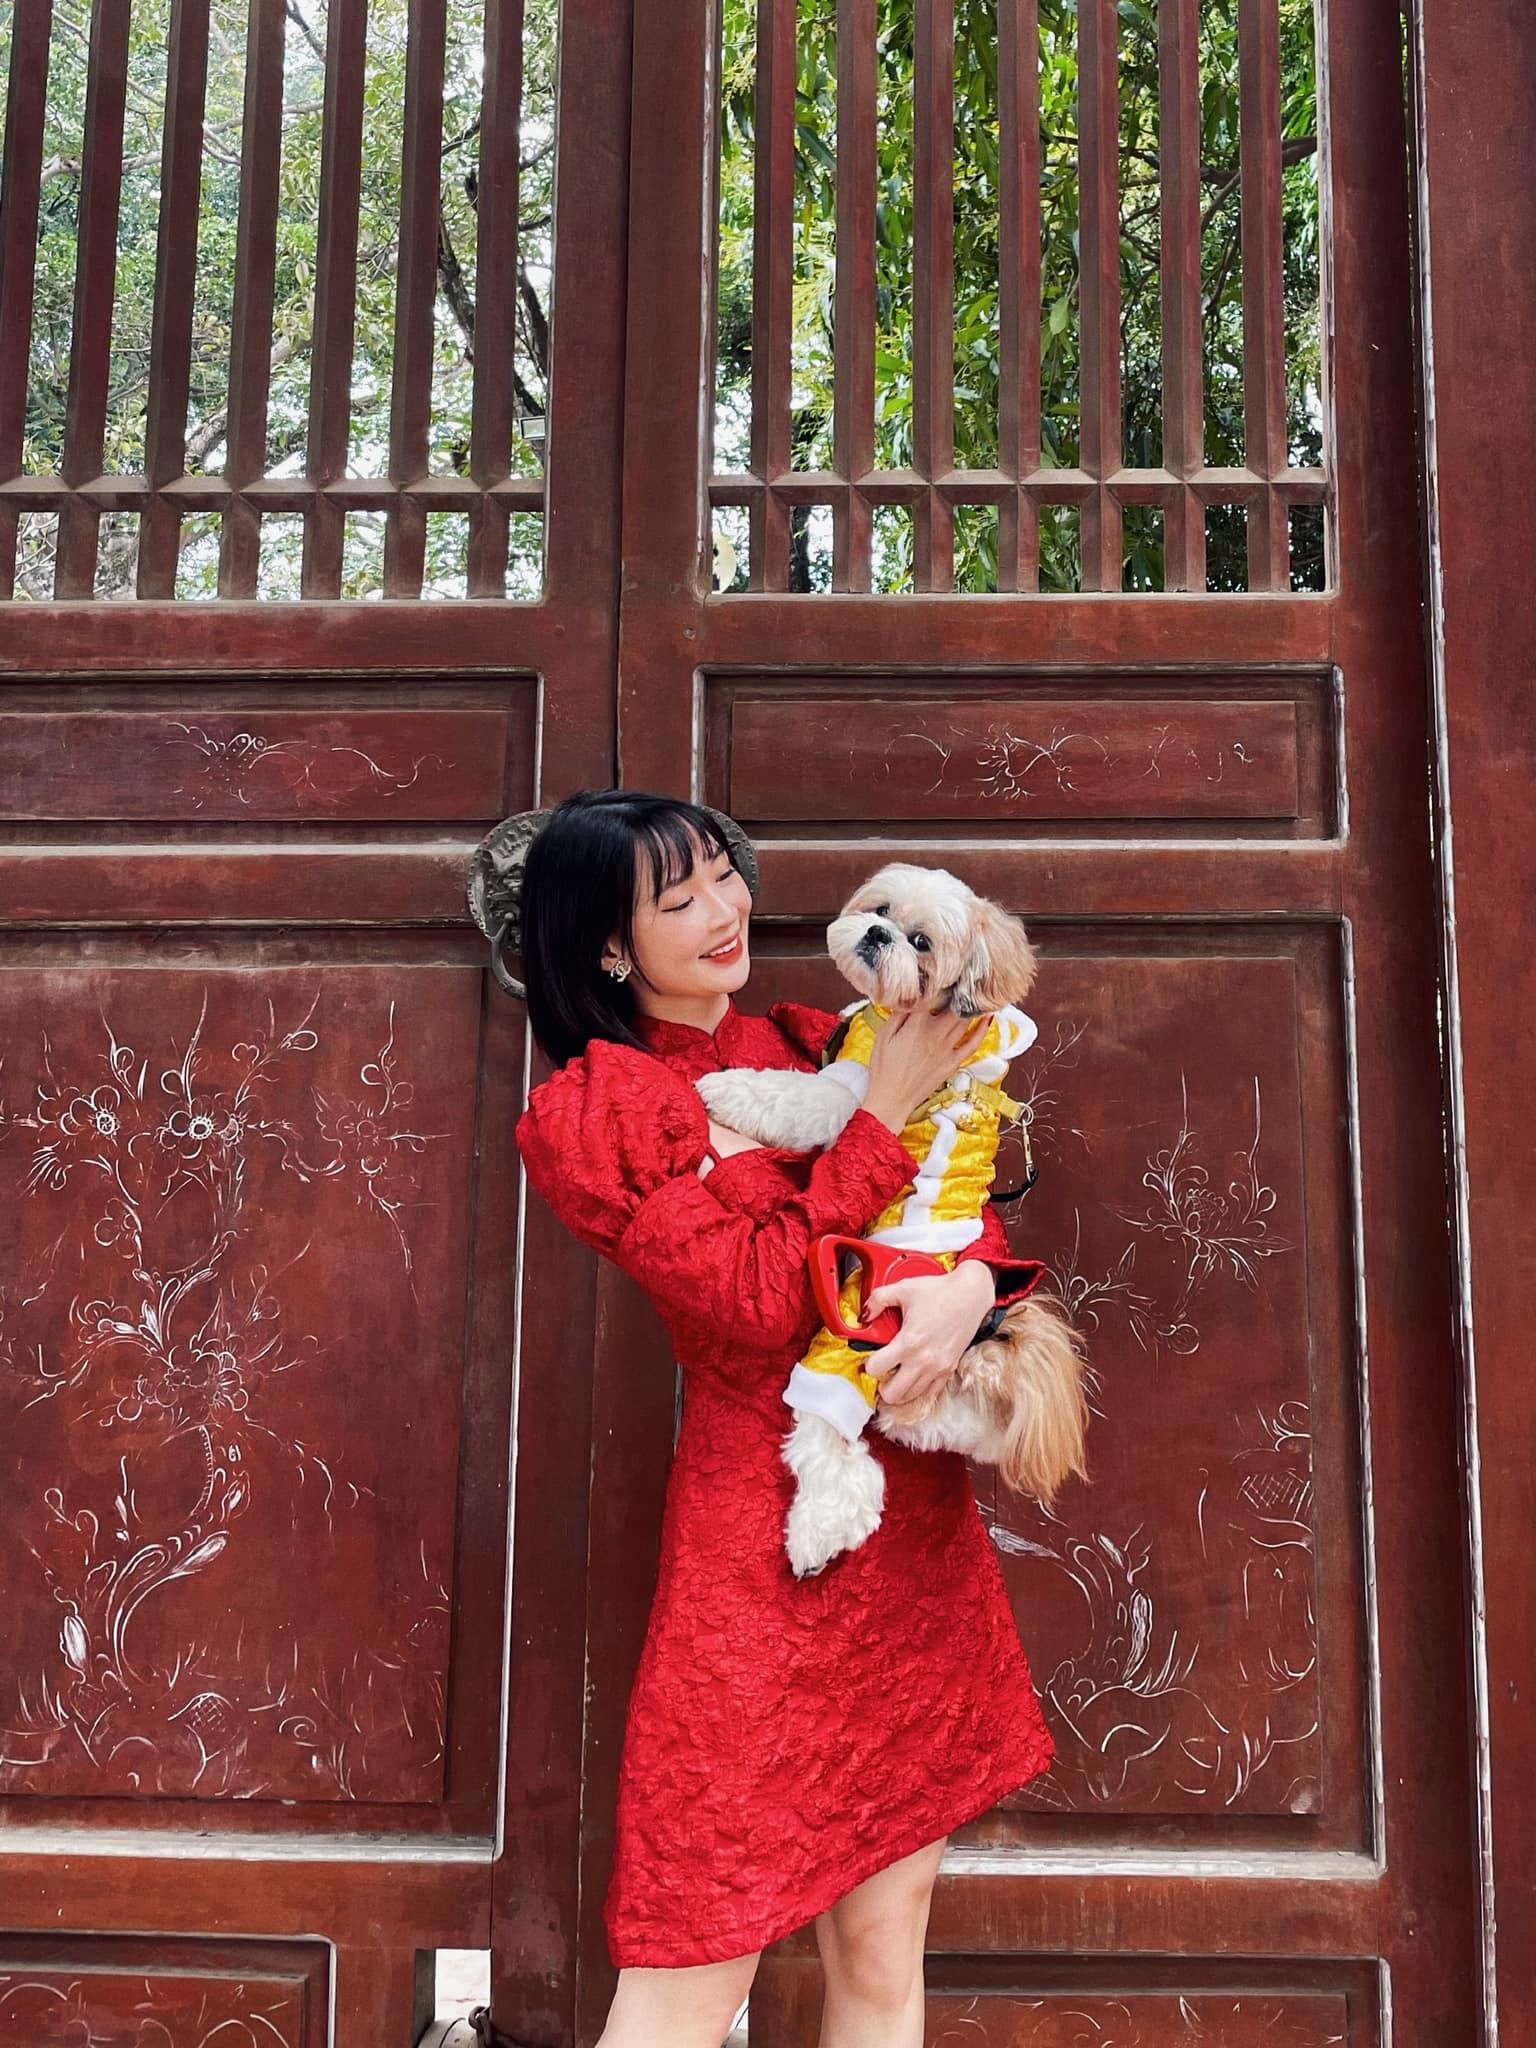 Đi chùa cầu may, hot girl Việt gây tranh cãi khi diện váy khoét ngực - hình ảnh 3